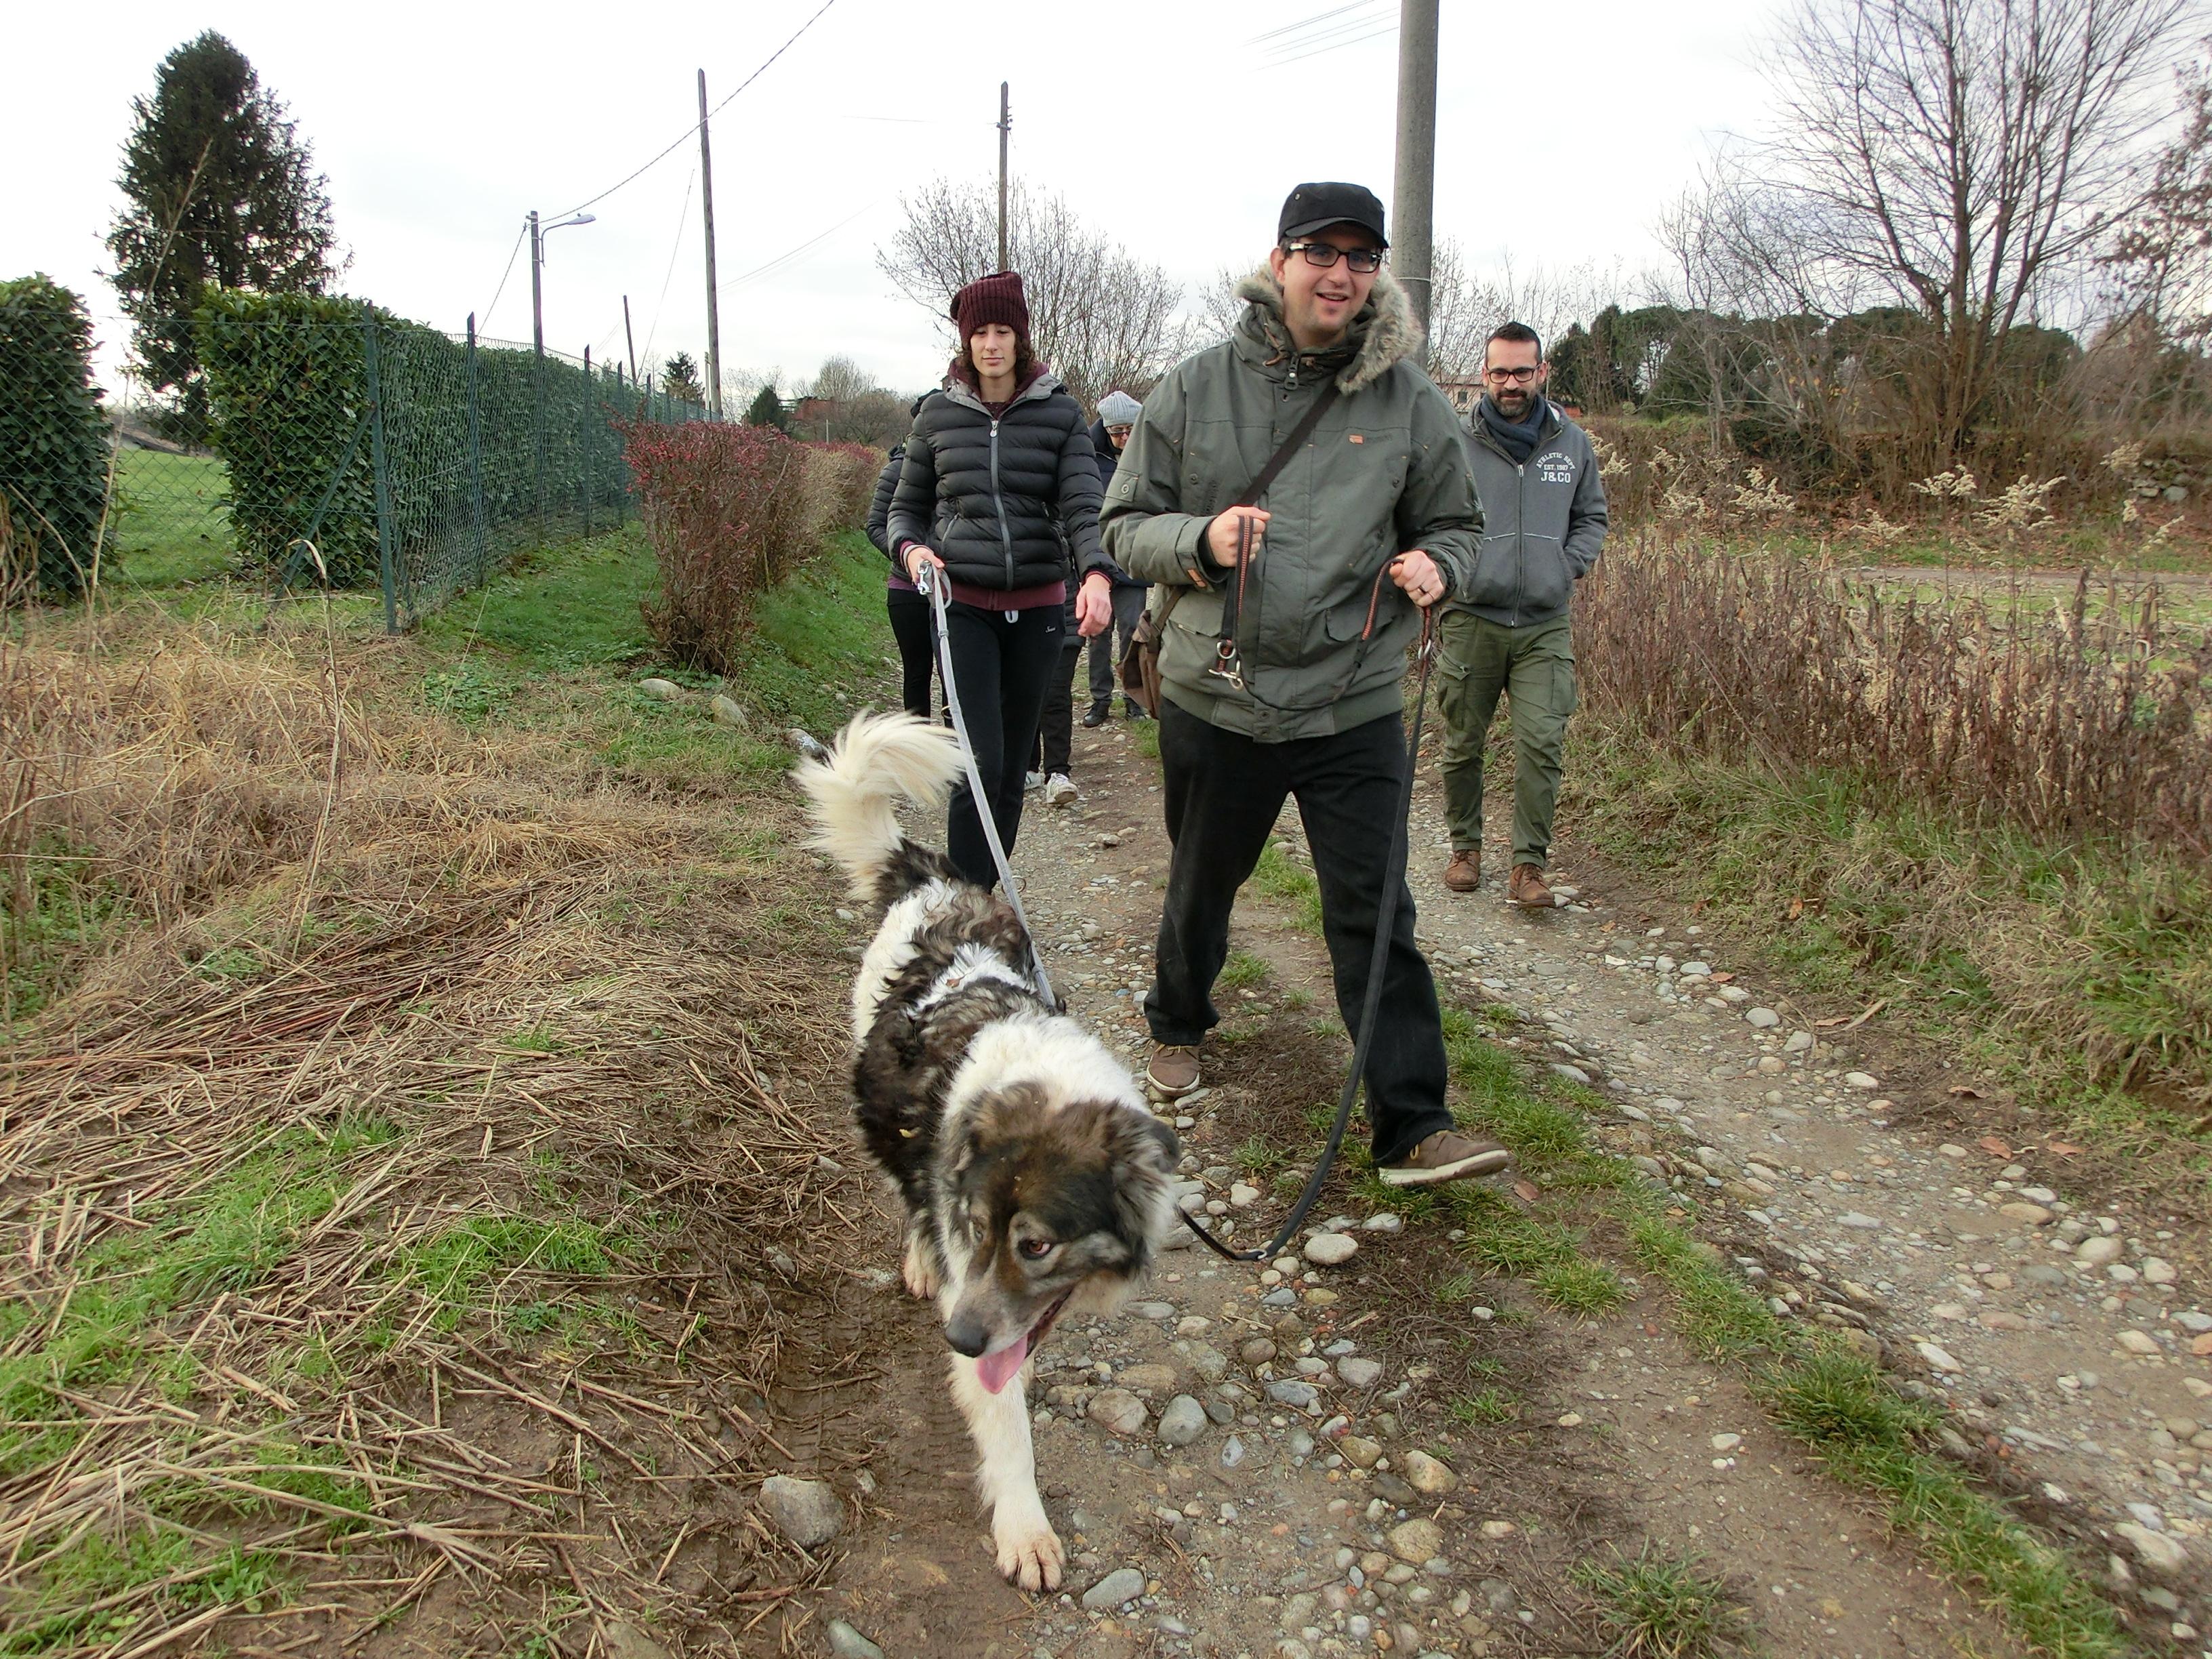 Socio Bau.2 utenti e cane a passeggio